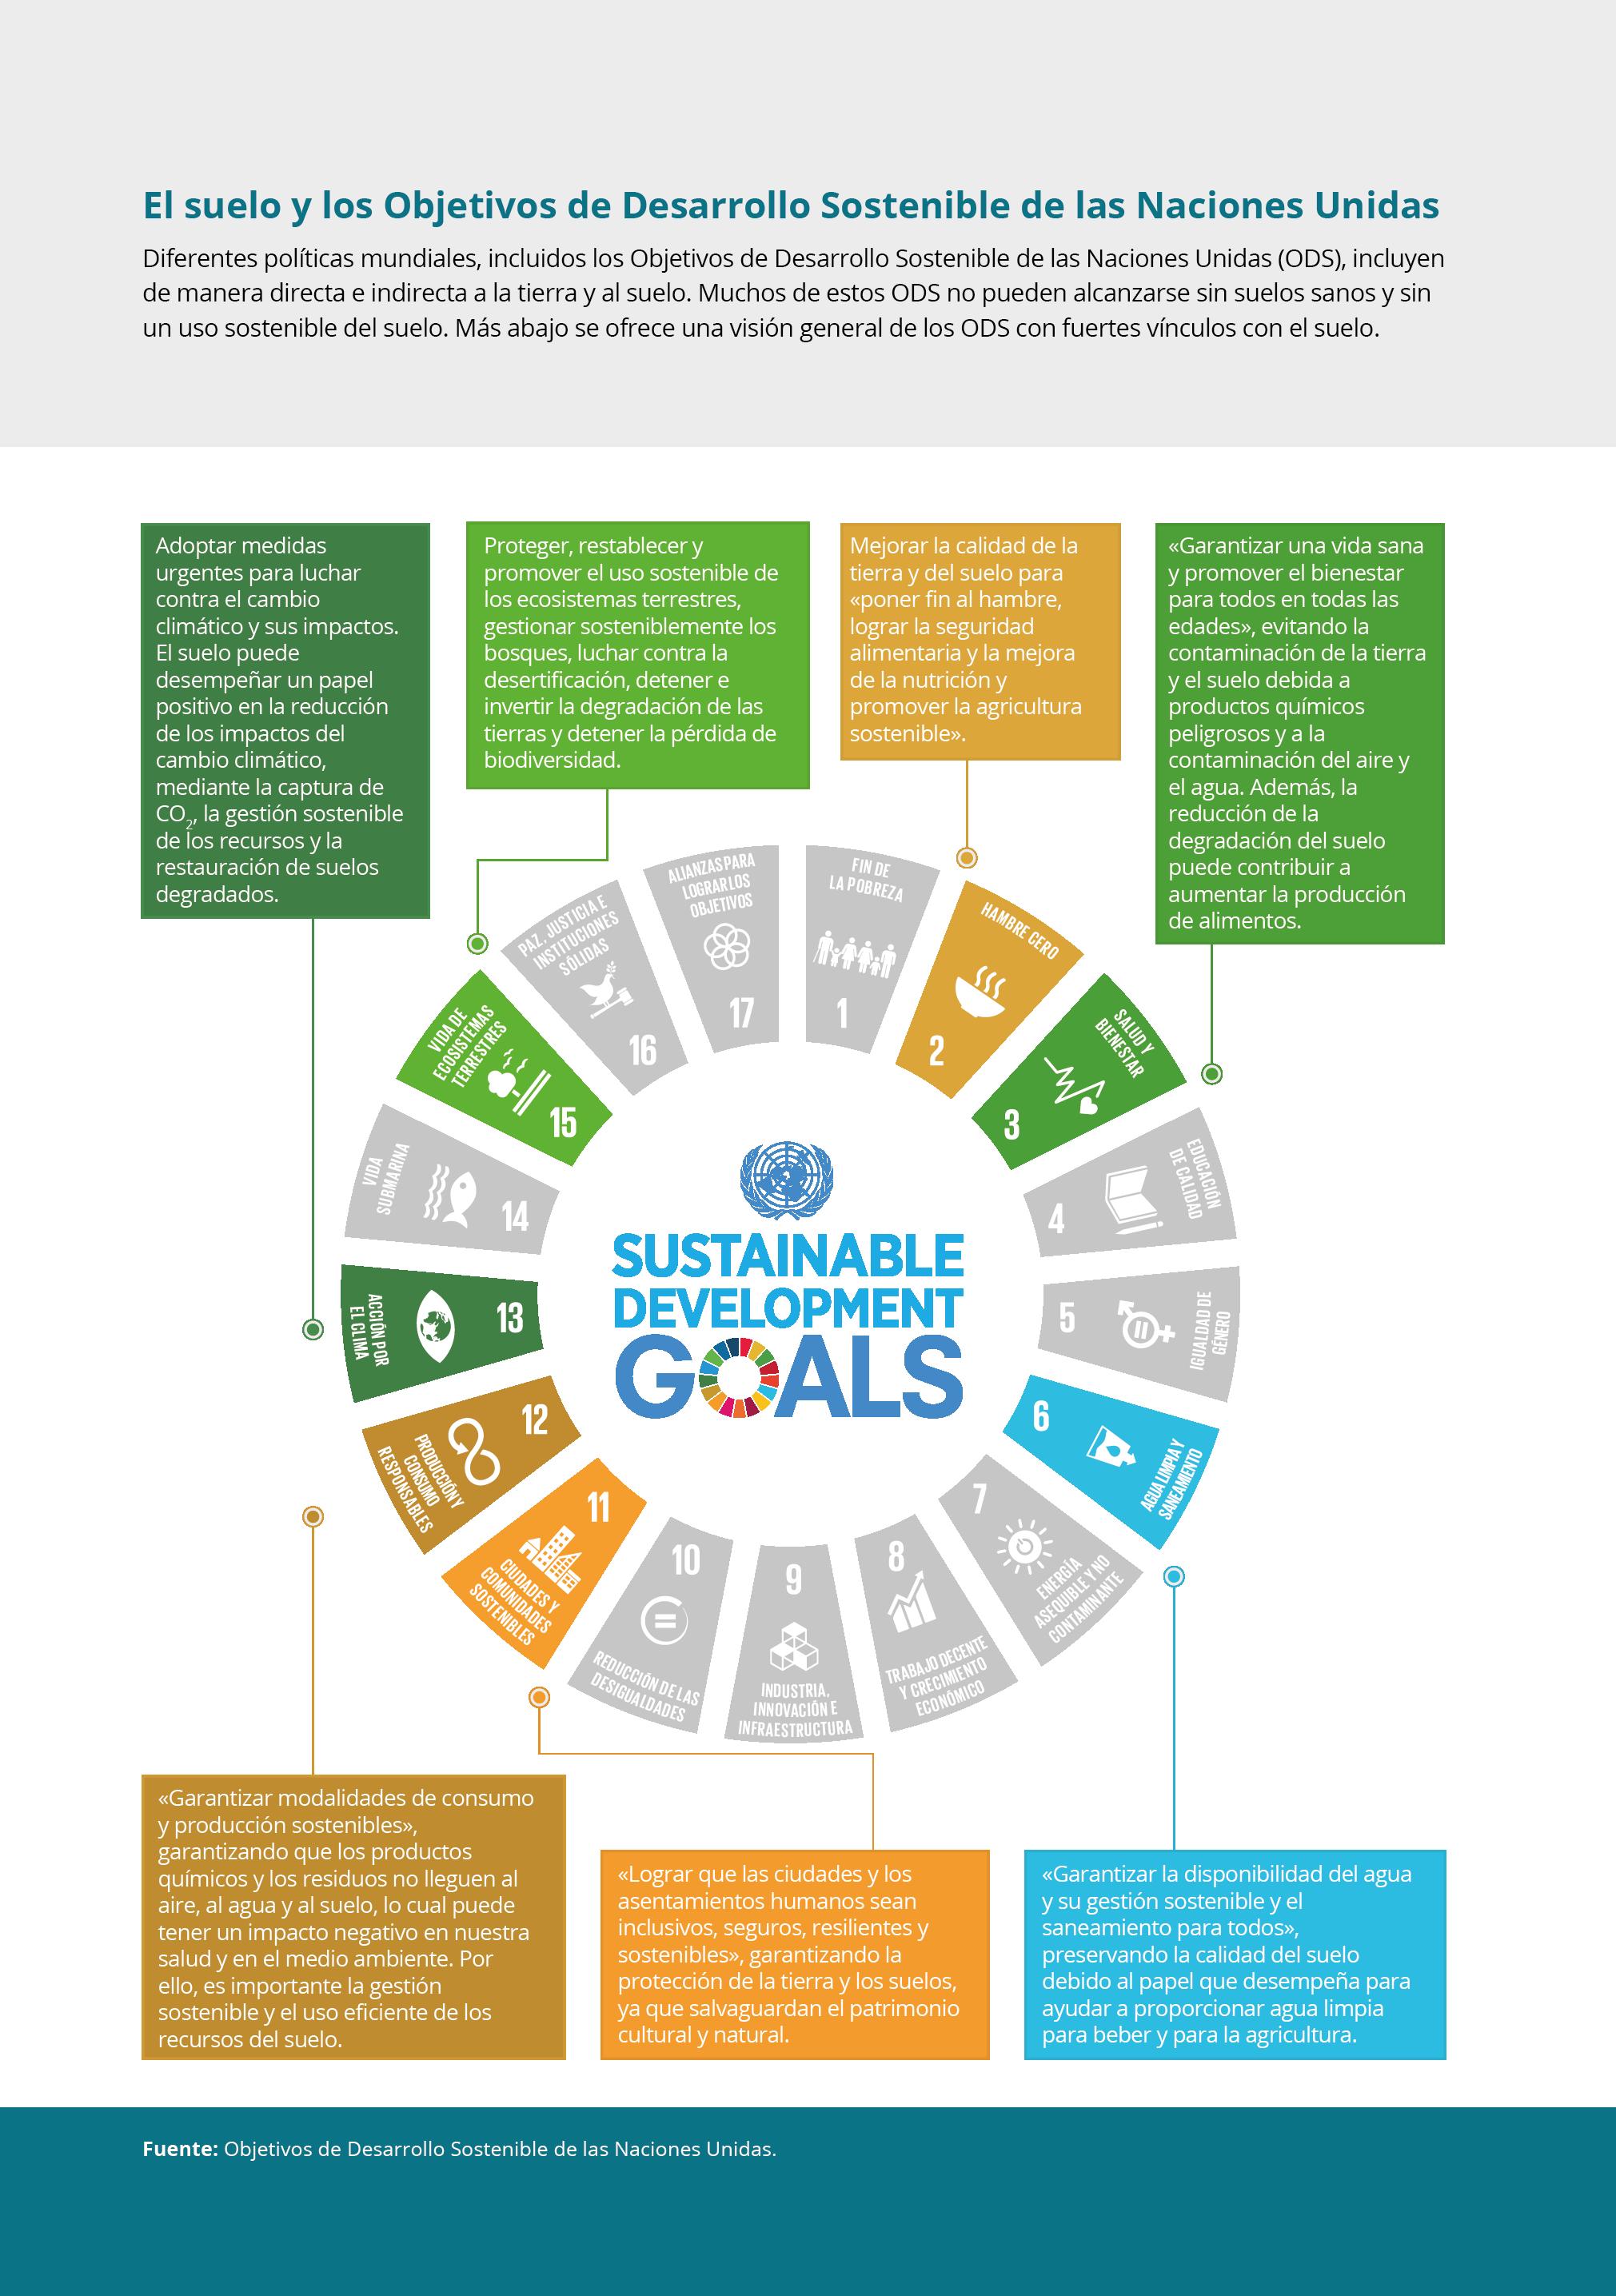 El suelo y los Objetivos de Desarrollo Sostenible de las Naciones Unidas